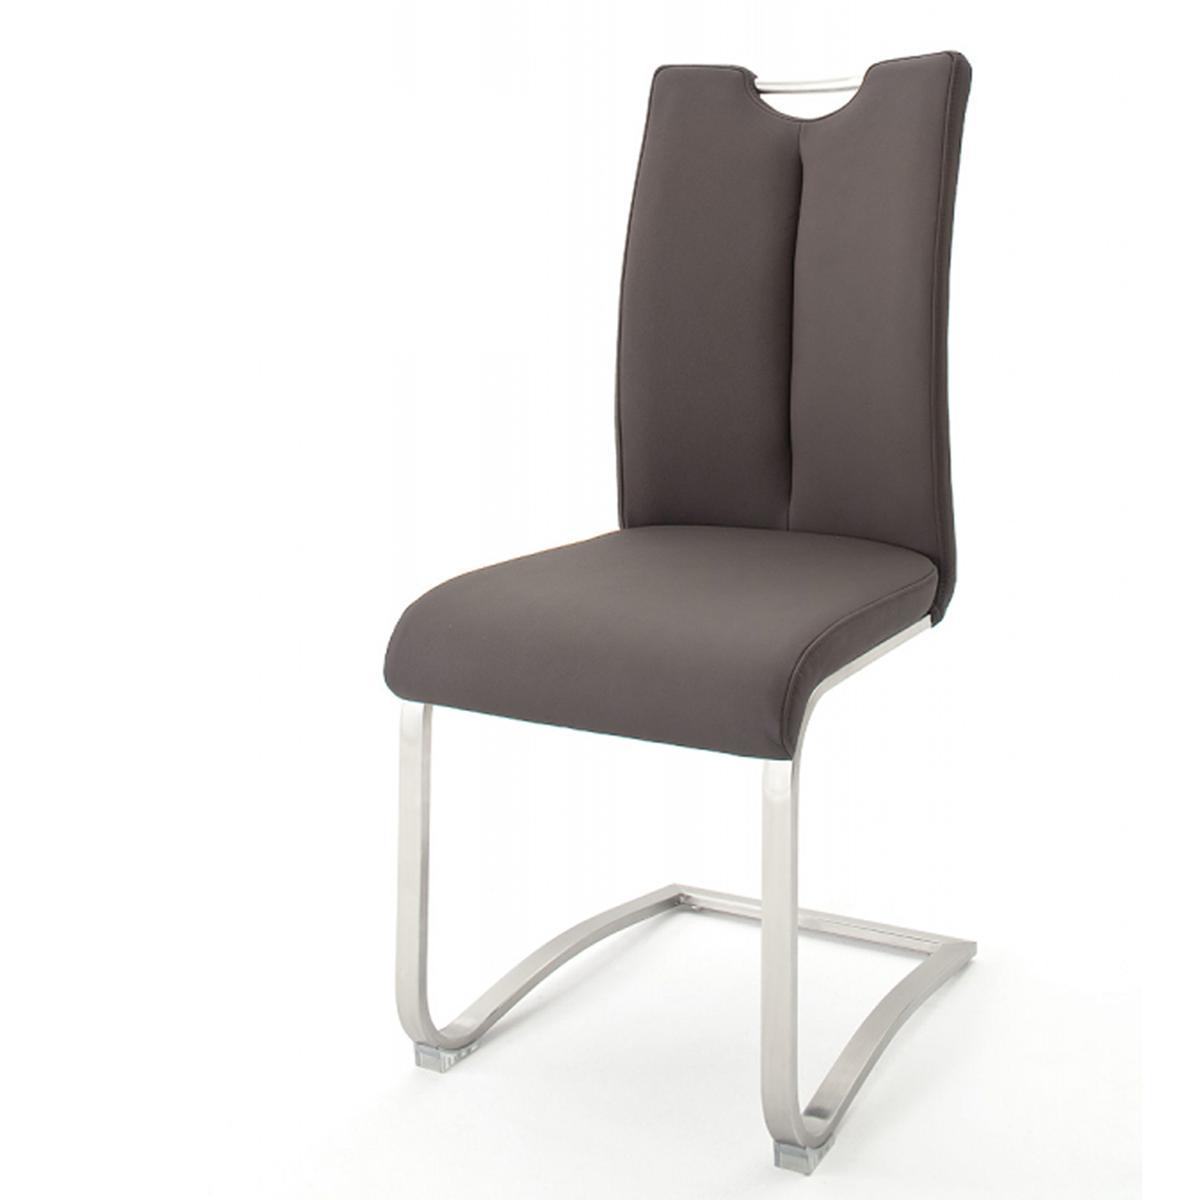 Pegane Lot de 2 chaises de salle à manger en acier et cuir marron - H.102 x L.45 x P.58 cm